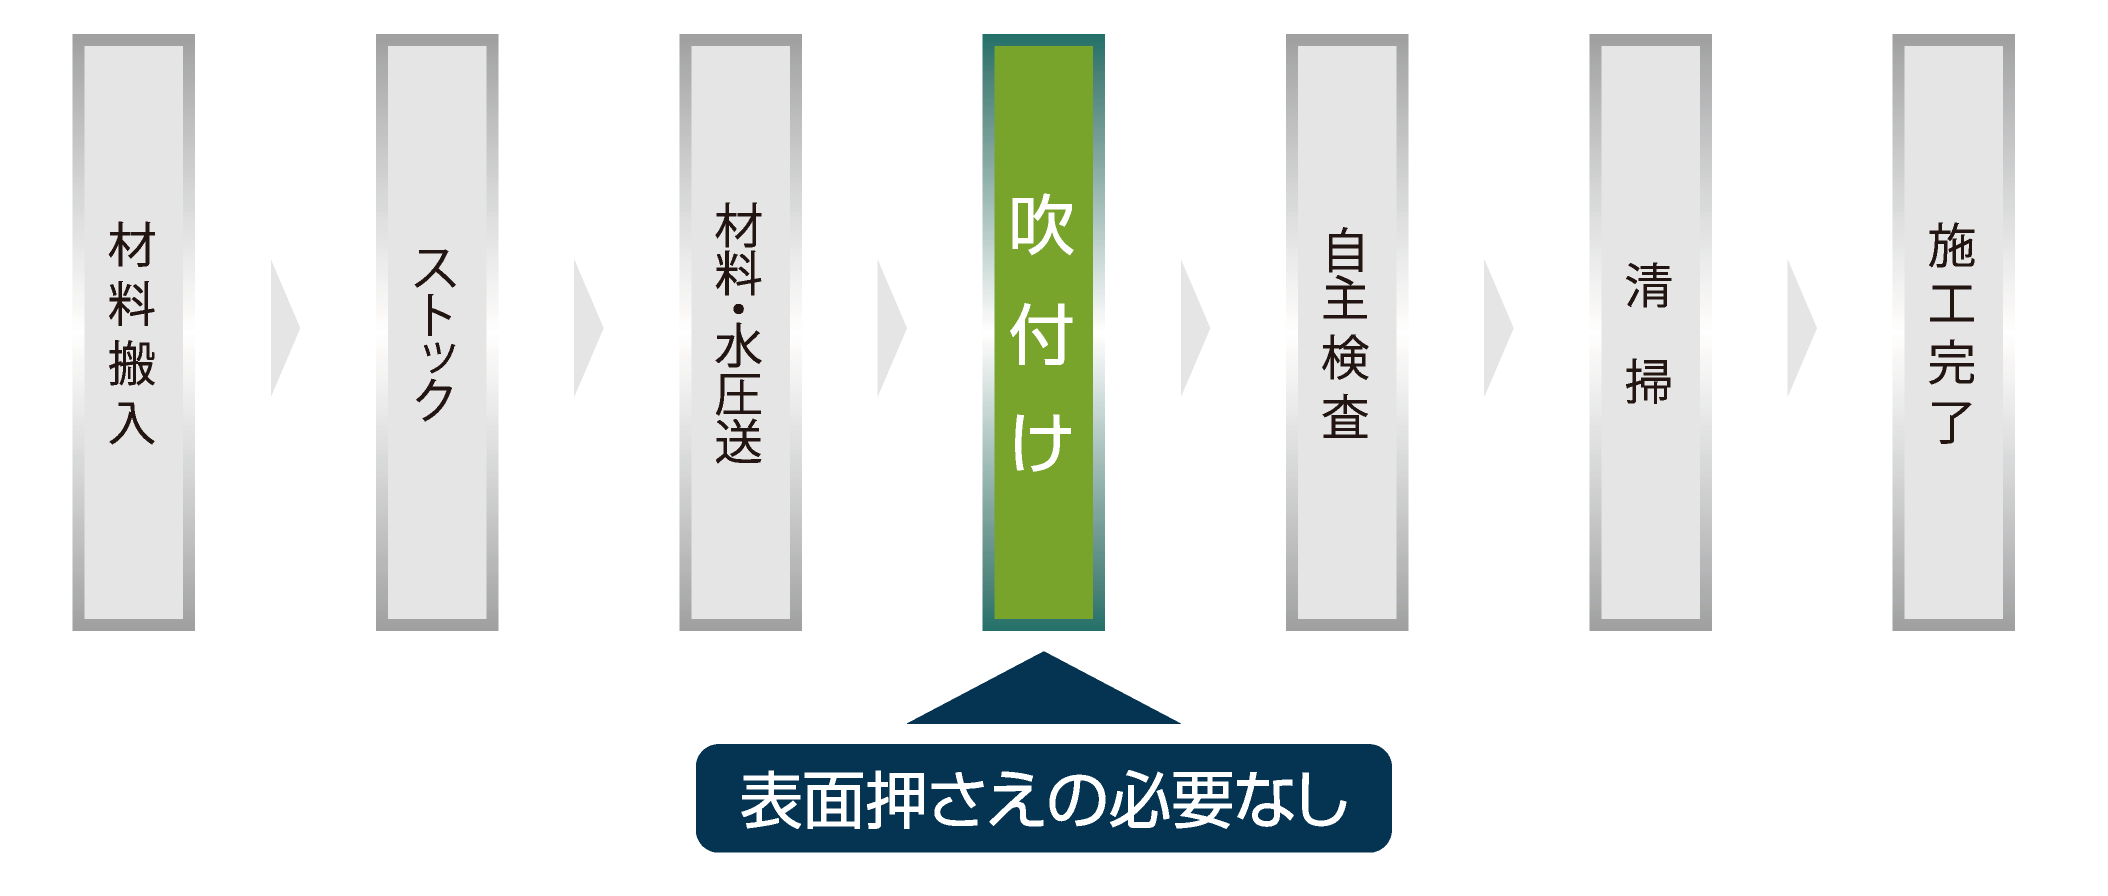 工法のフローチャート